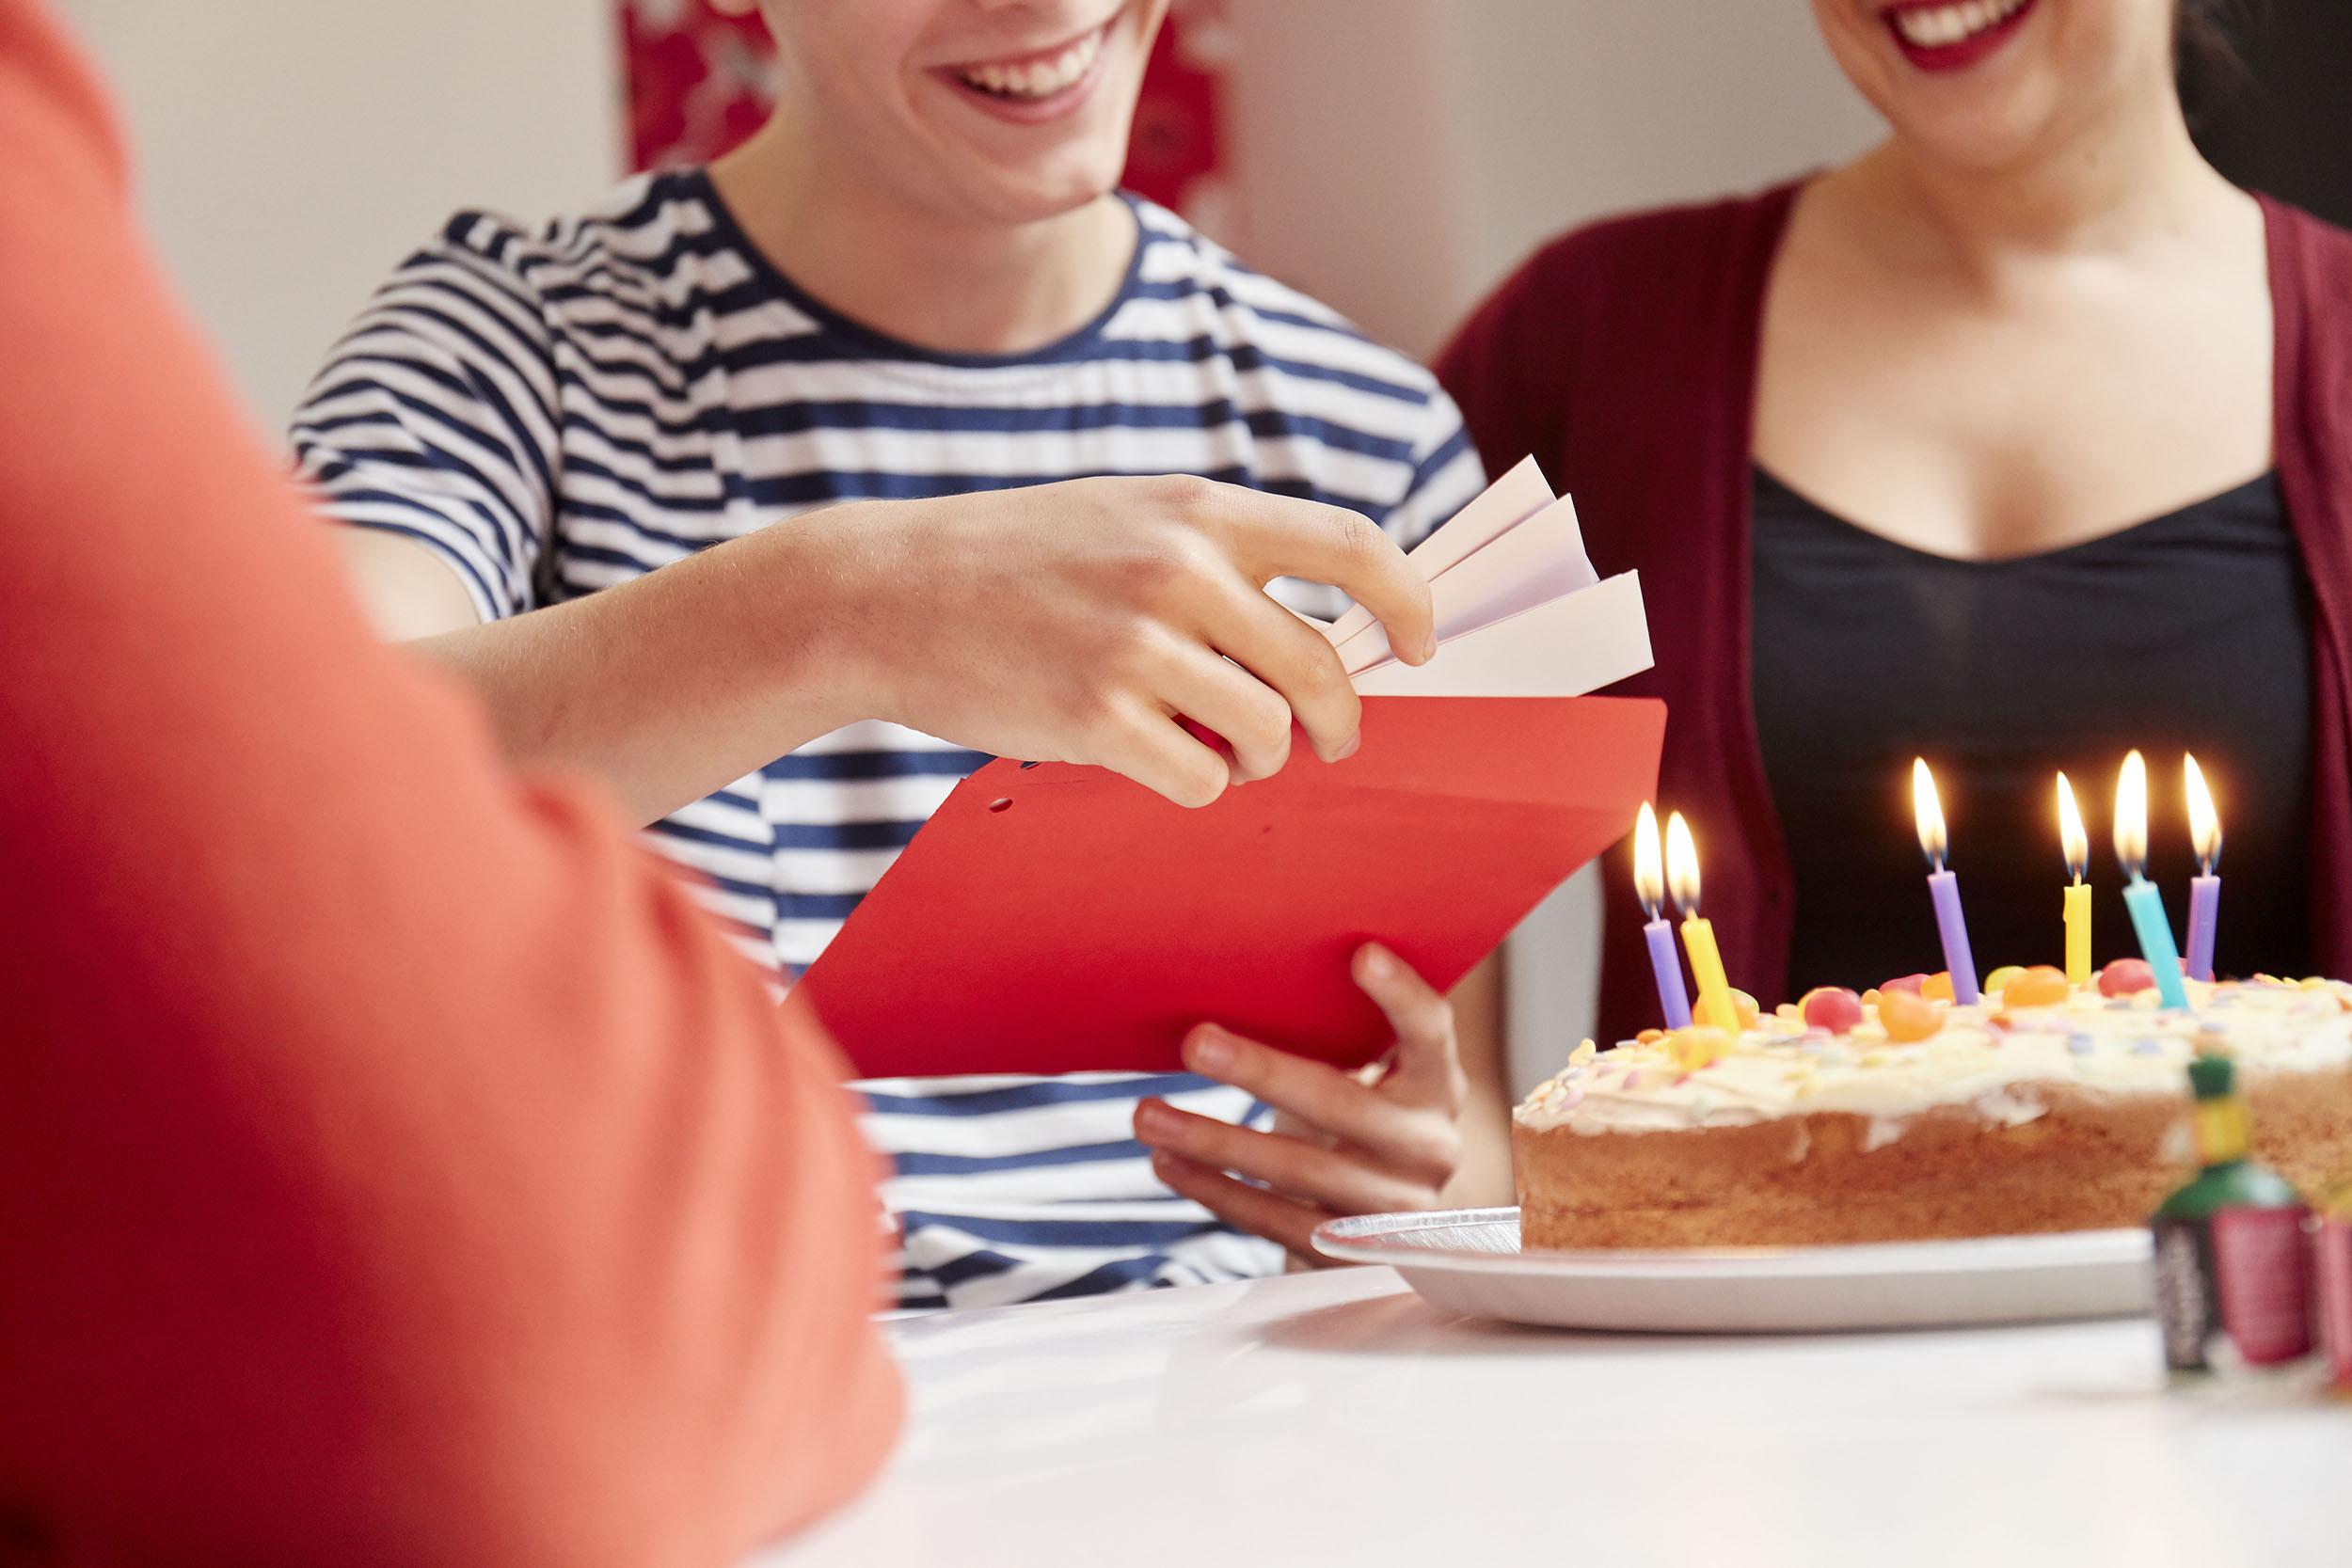 Principality_Birthday_001_Principality_Birthday__SWI9016.jpg